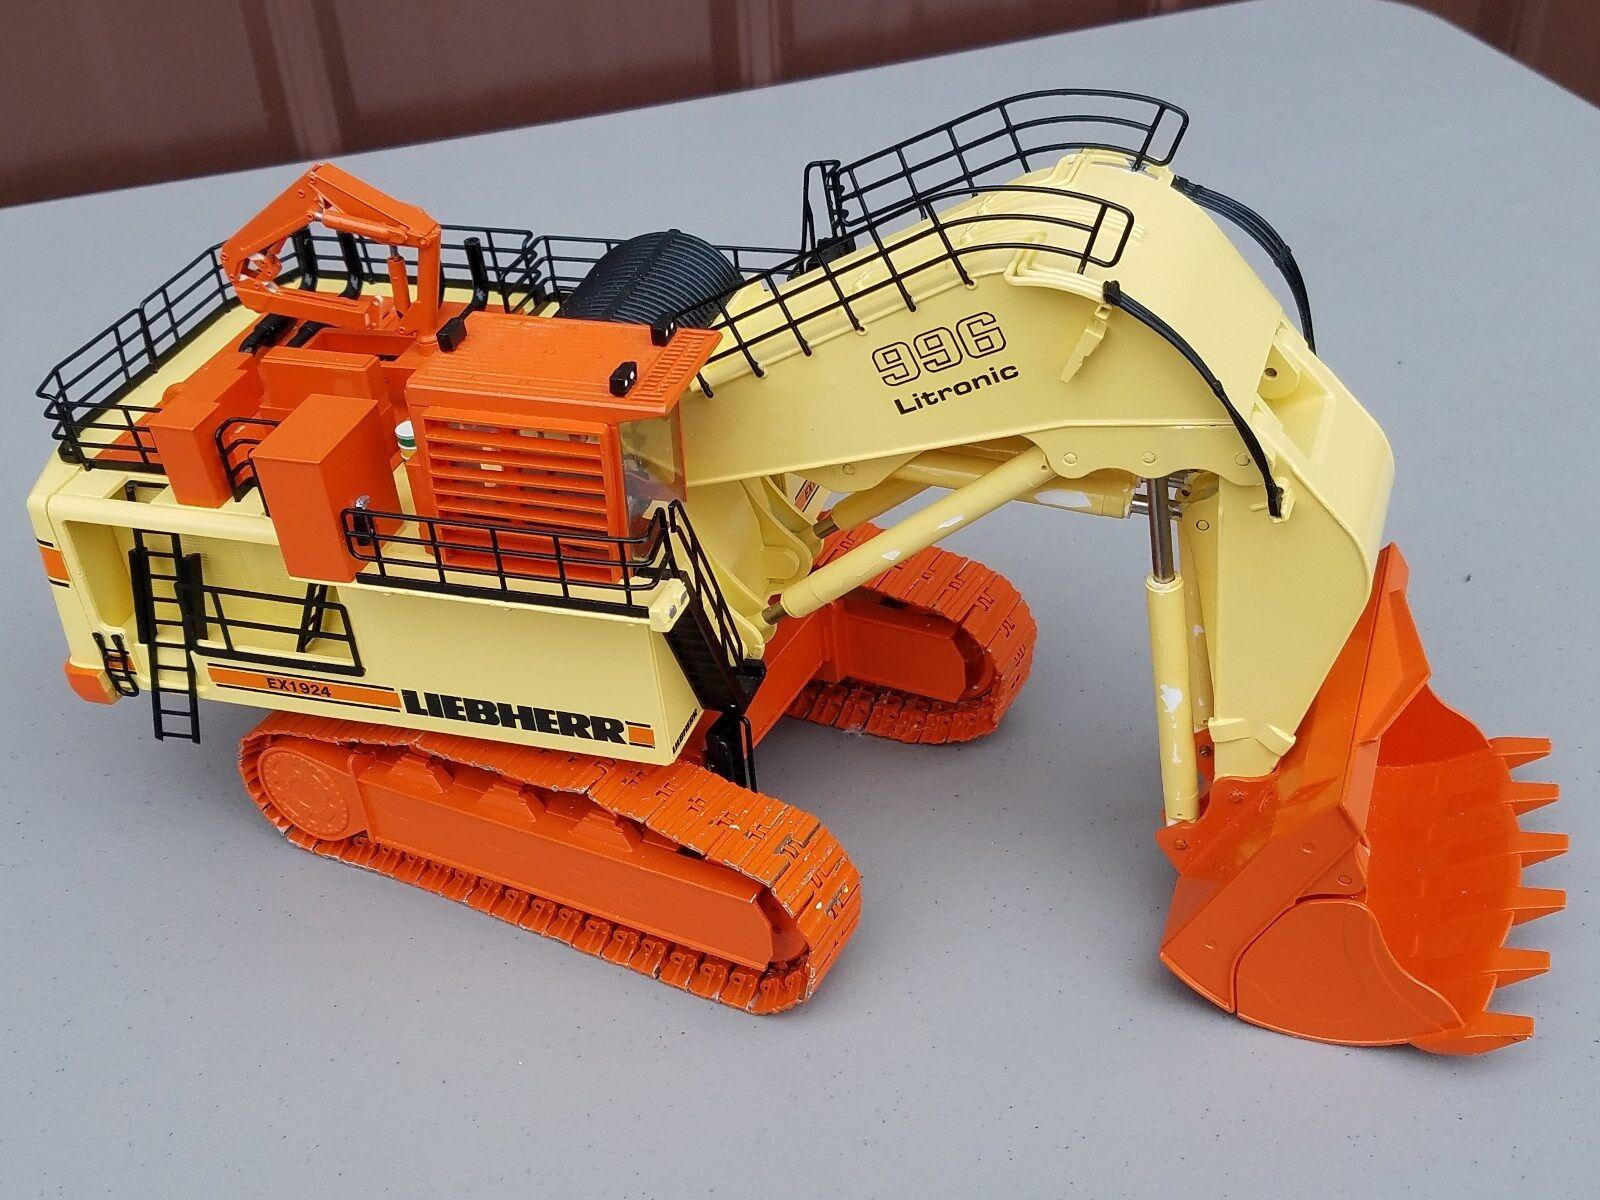 Gros 1 50 LIEBHERR 996 hydraulique Mining pelle Excavatrice, Conrad